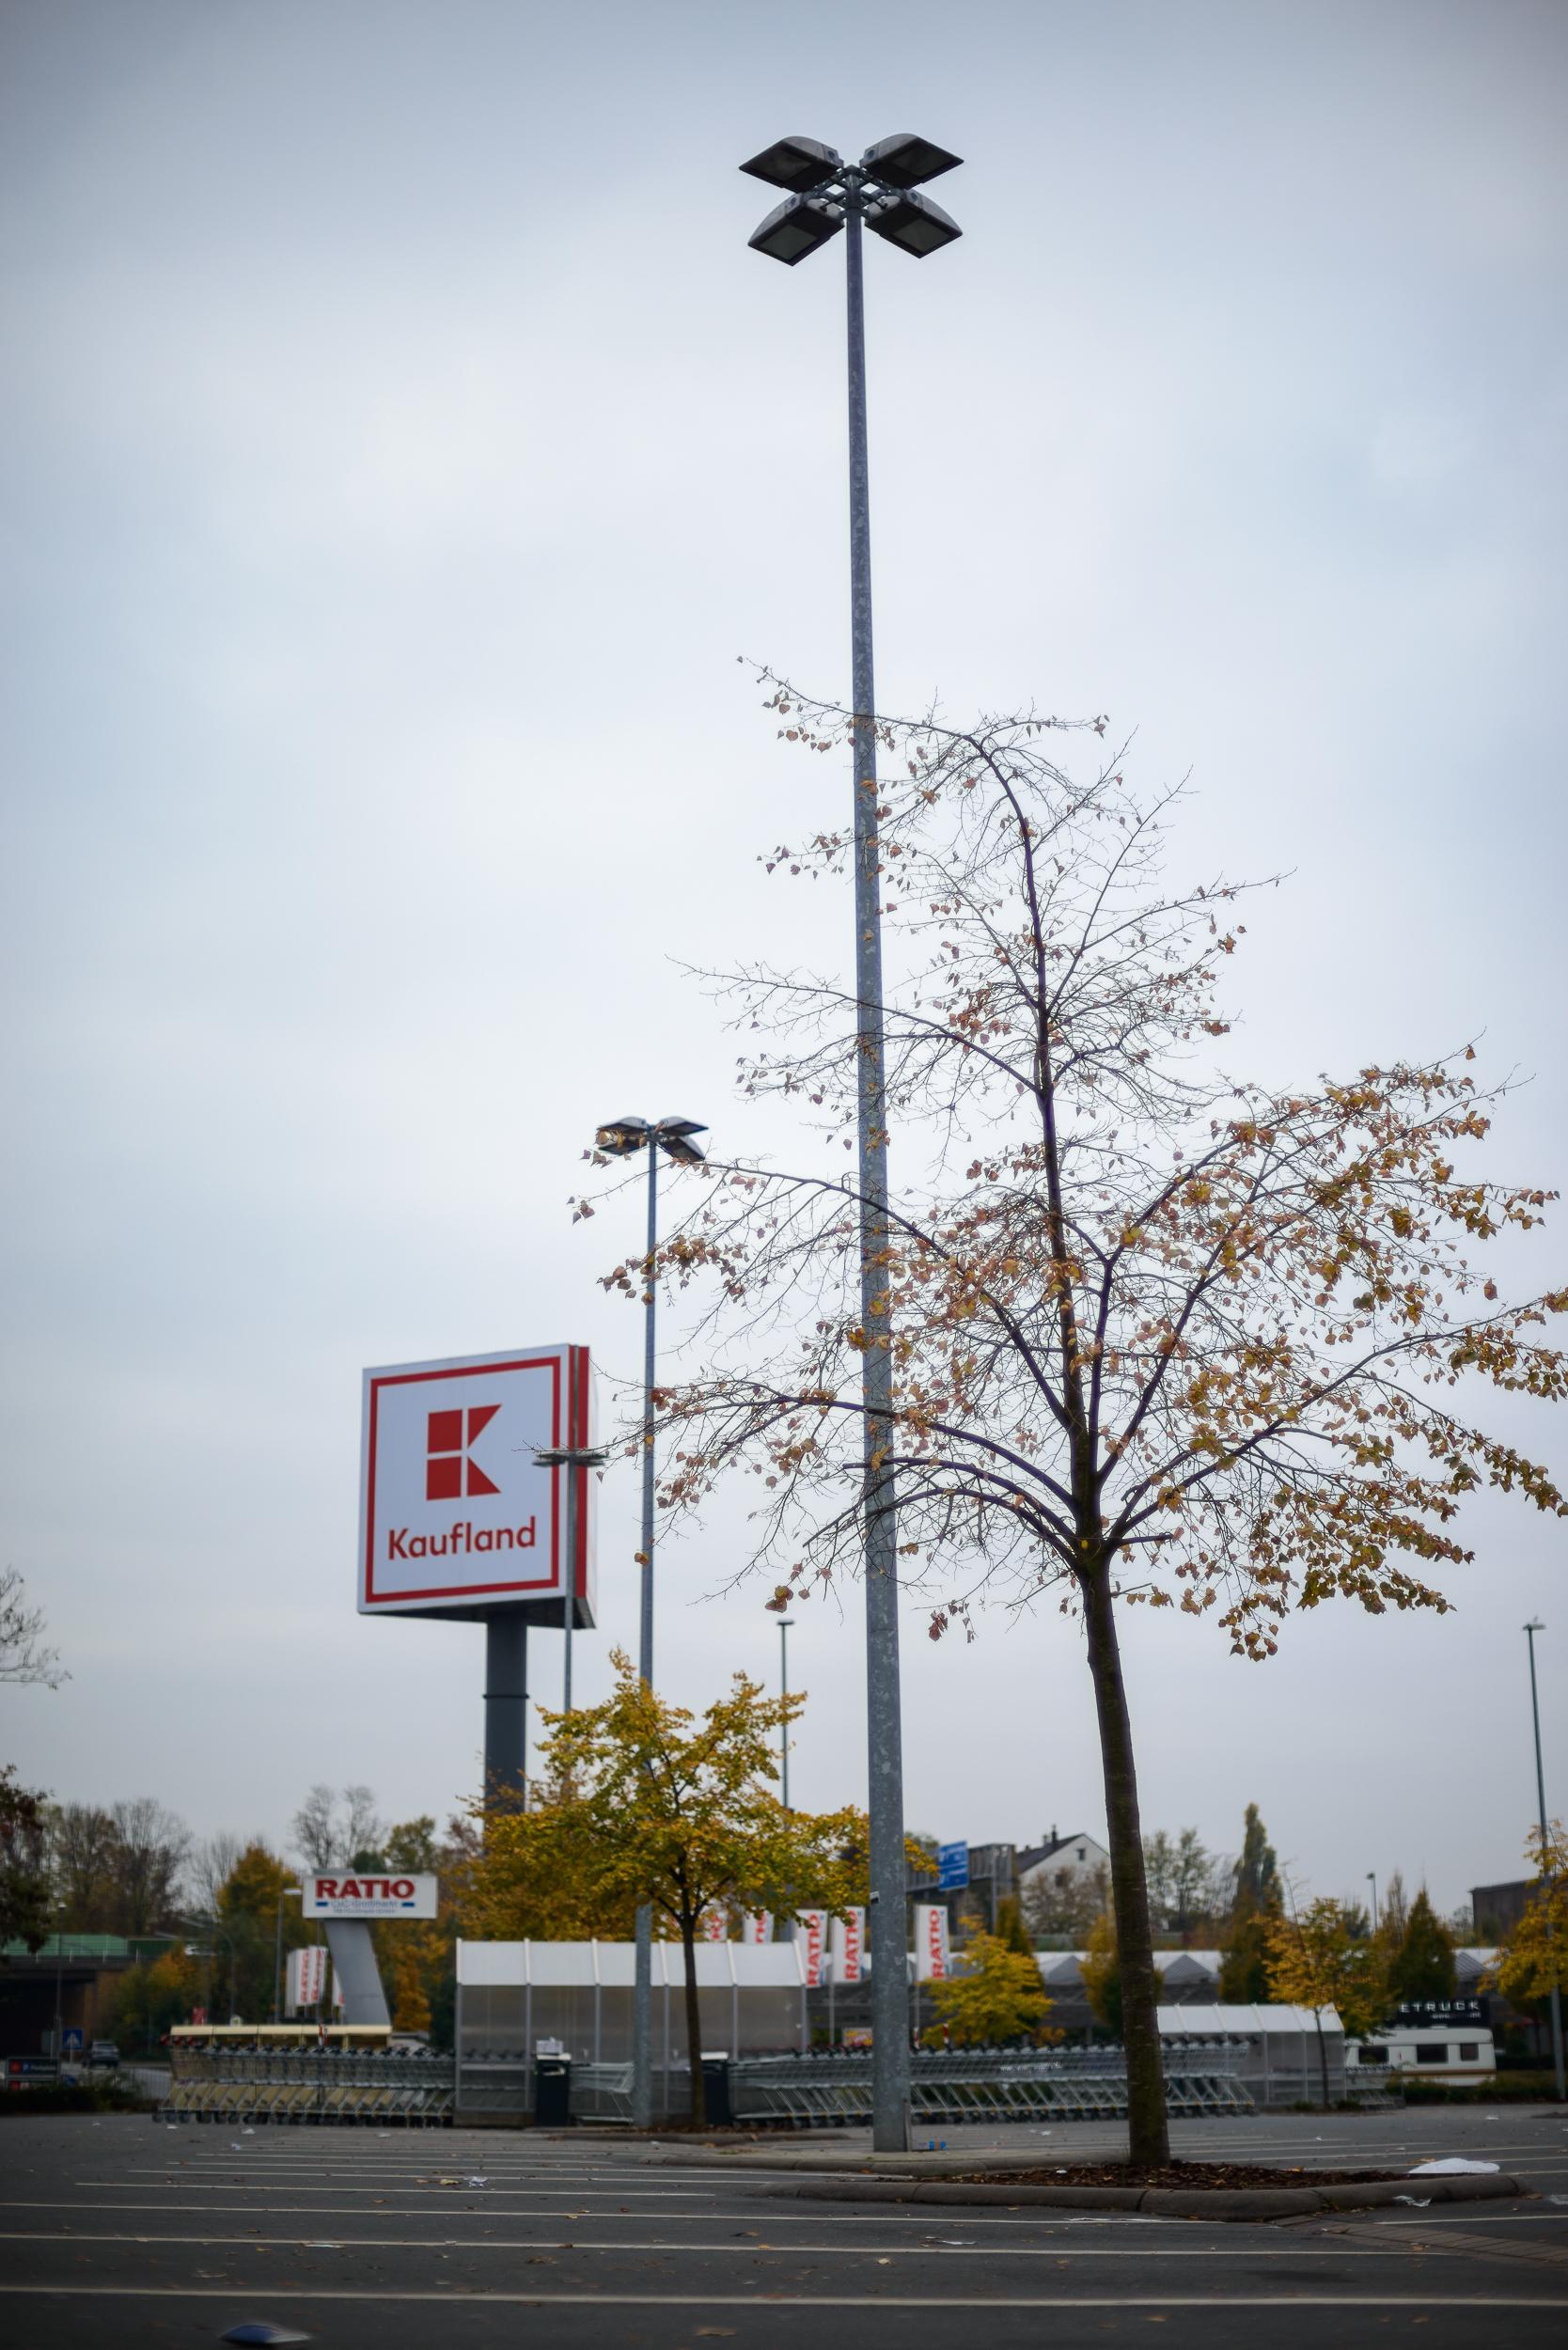 Supermarkt-Parkplatz_Kaufland_20181104_0022_2500px.jpg